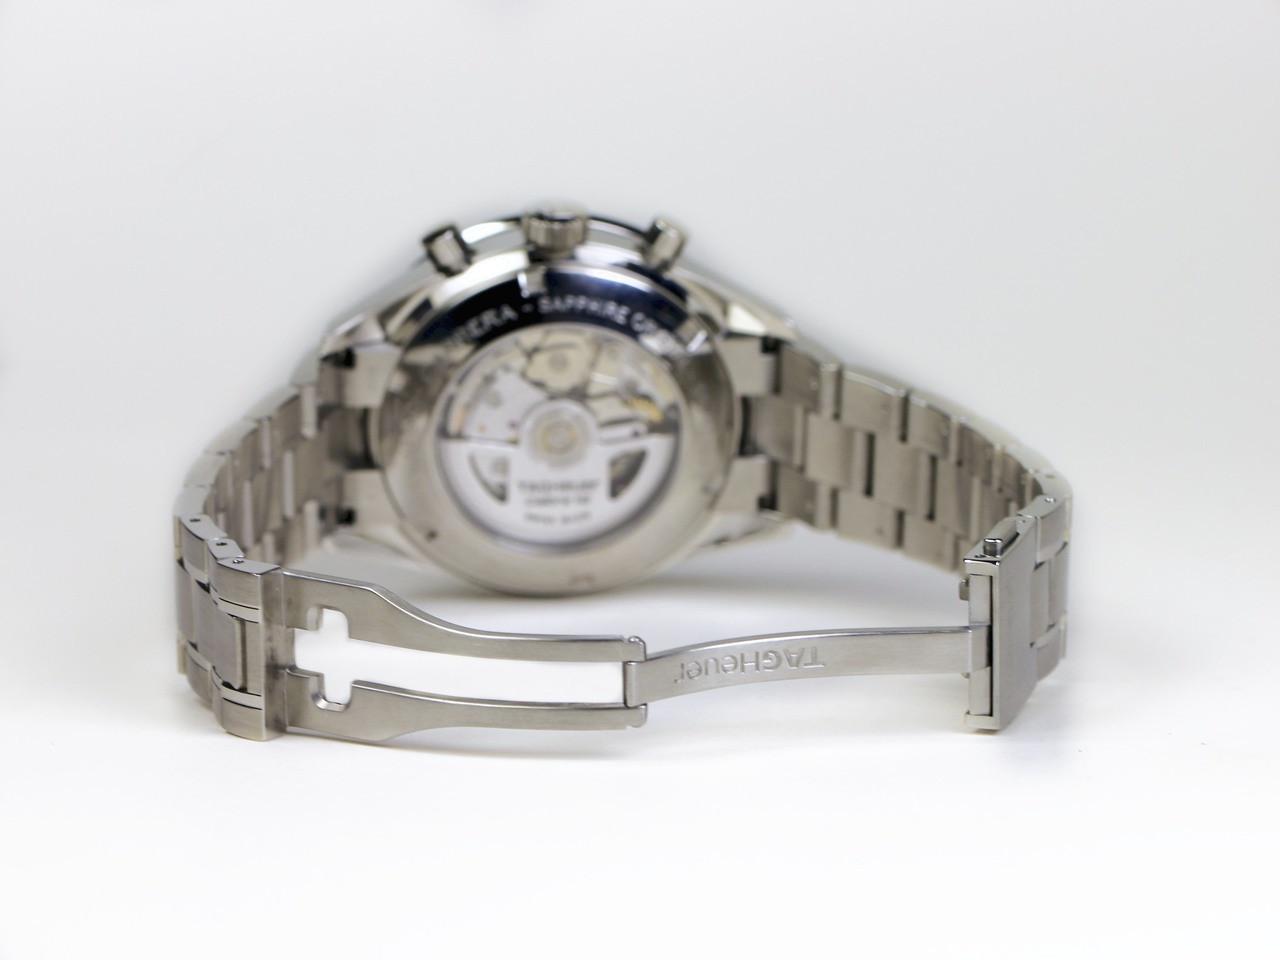 b1930e065105 TAG Heuer Watches Carrera Chronograph CV2017 -- www.legendoftime.com